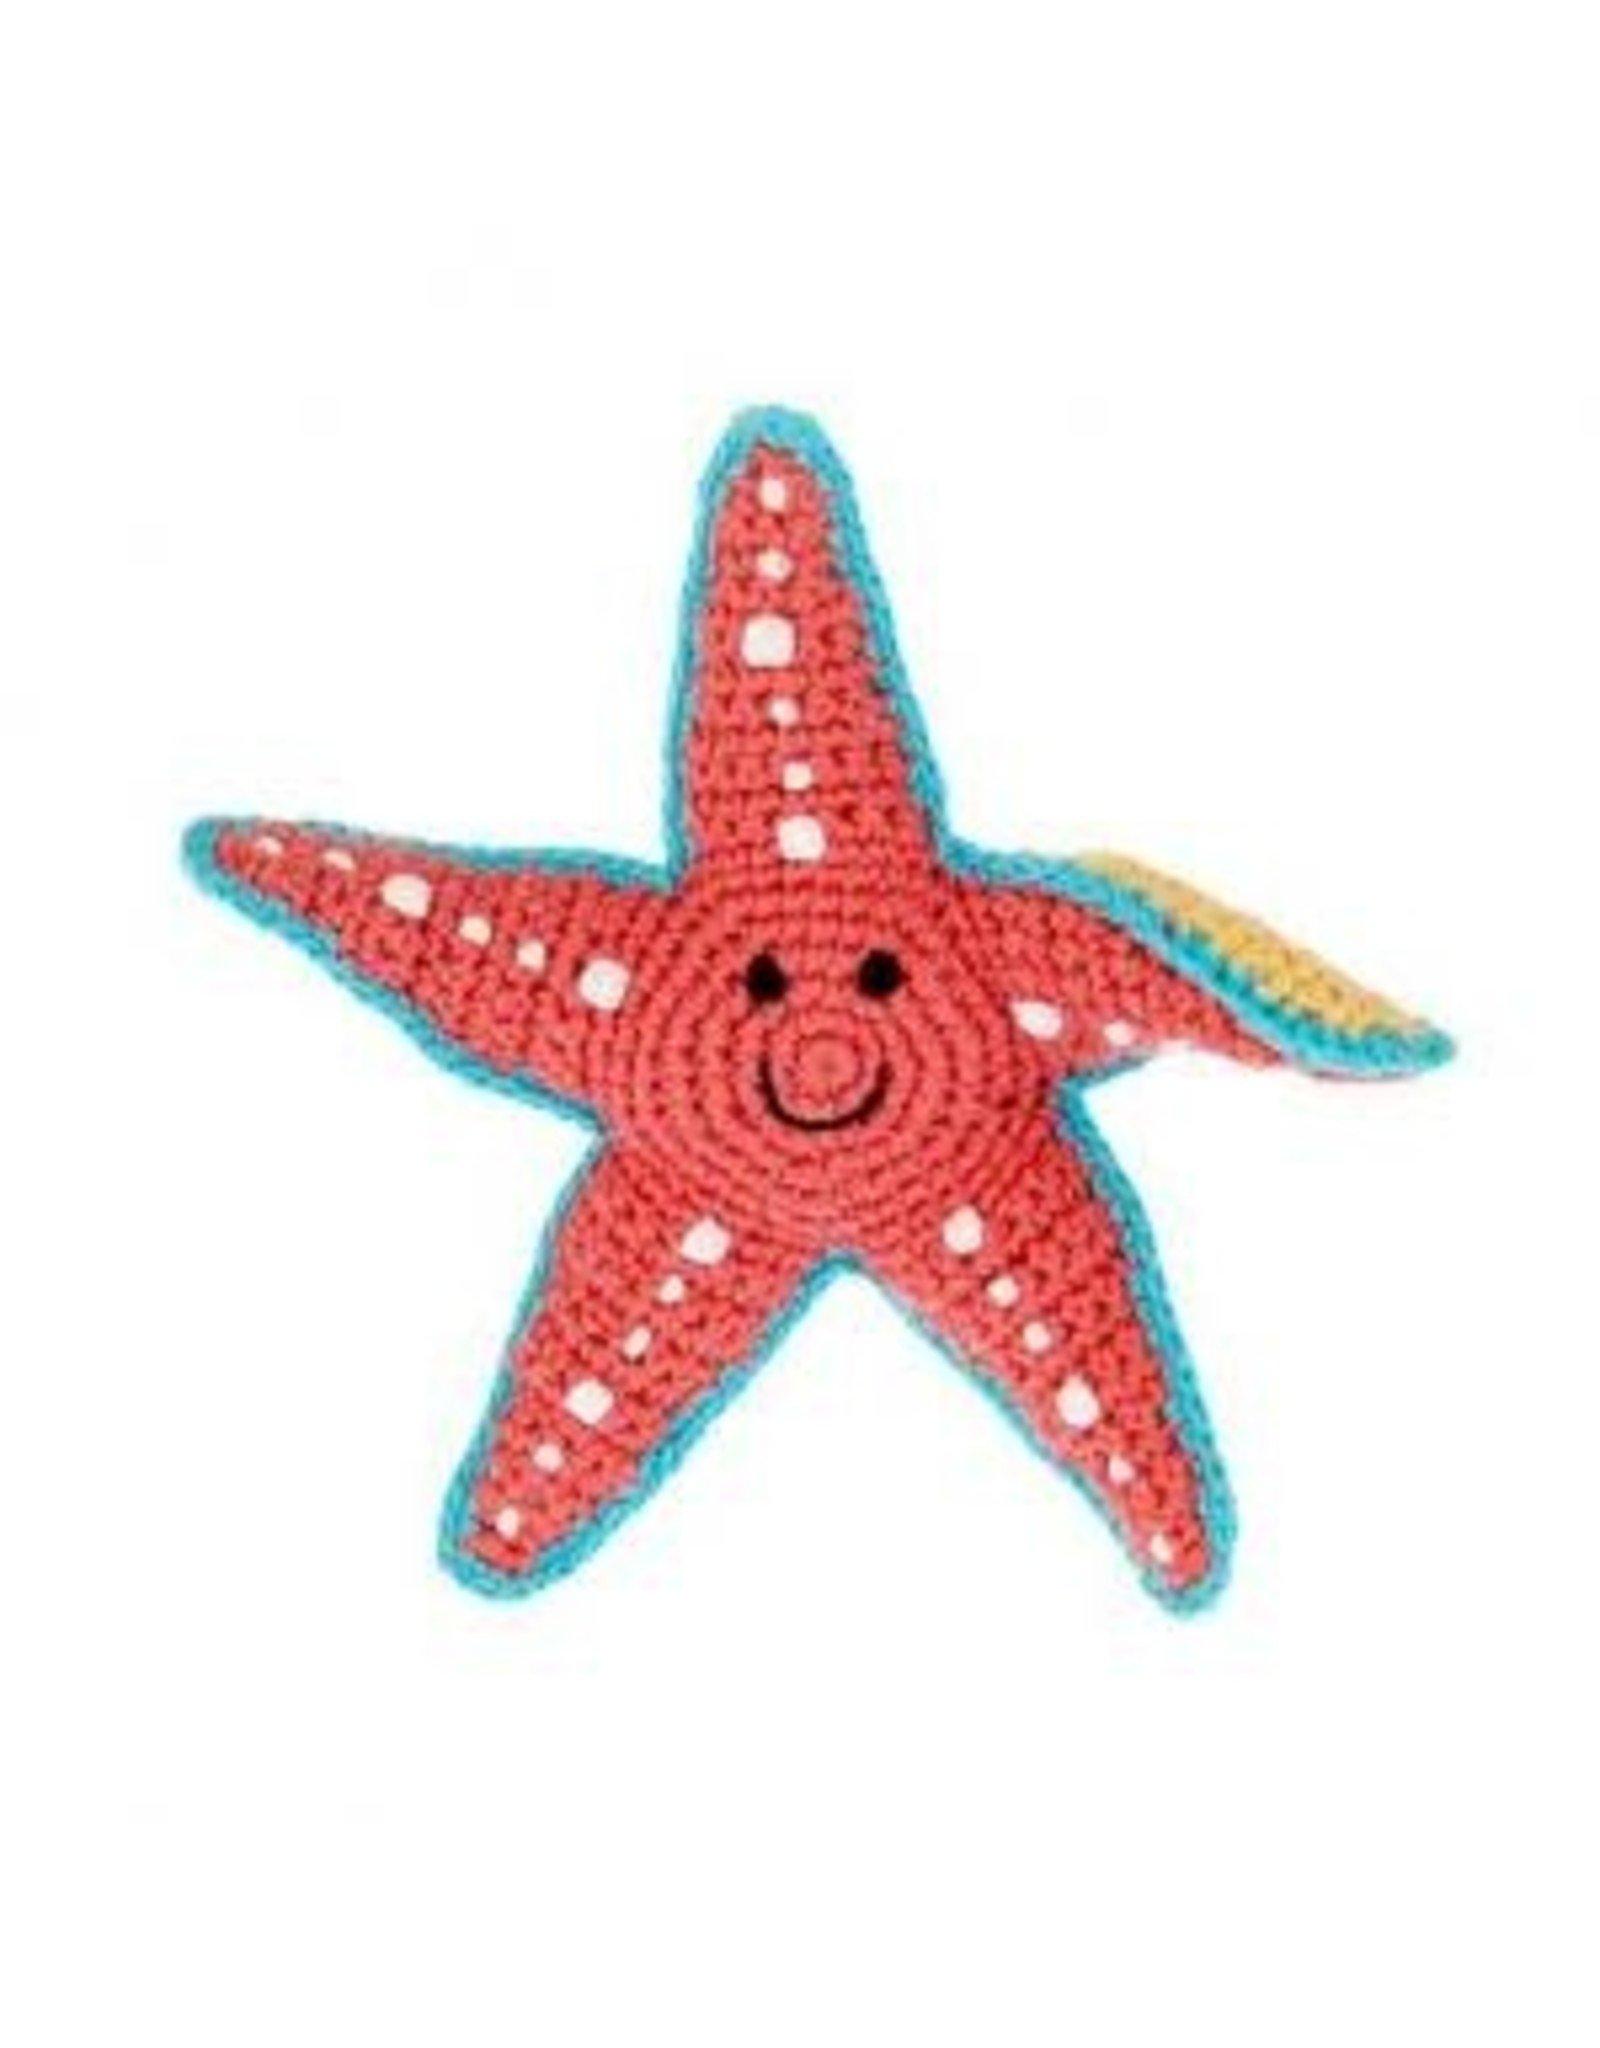 Crocheted Starfish Rattle, Bangladesh